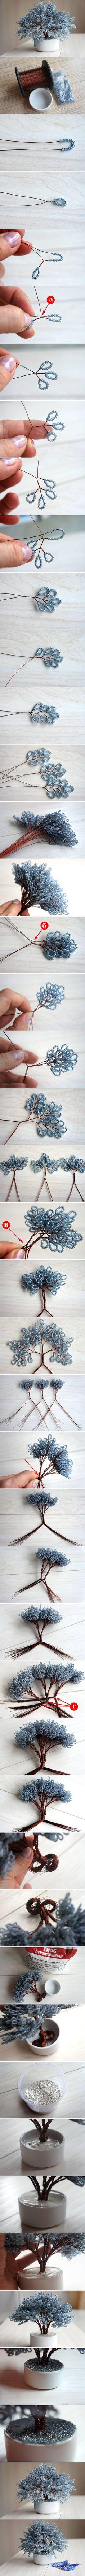 DIY Miniature Tree of Beads via usefuldiy.com